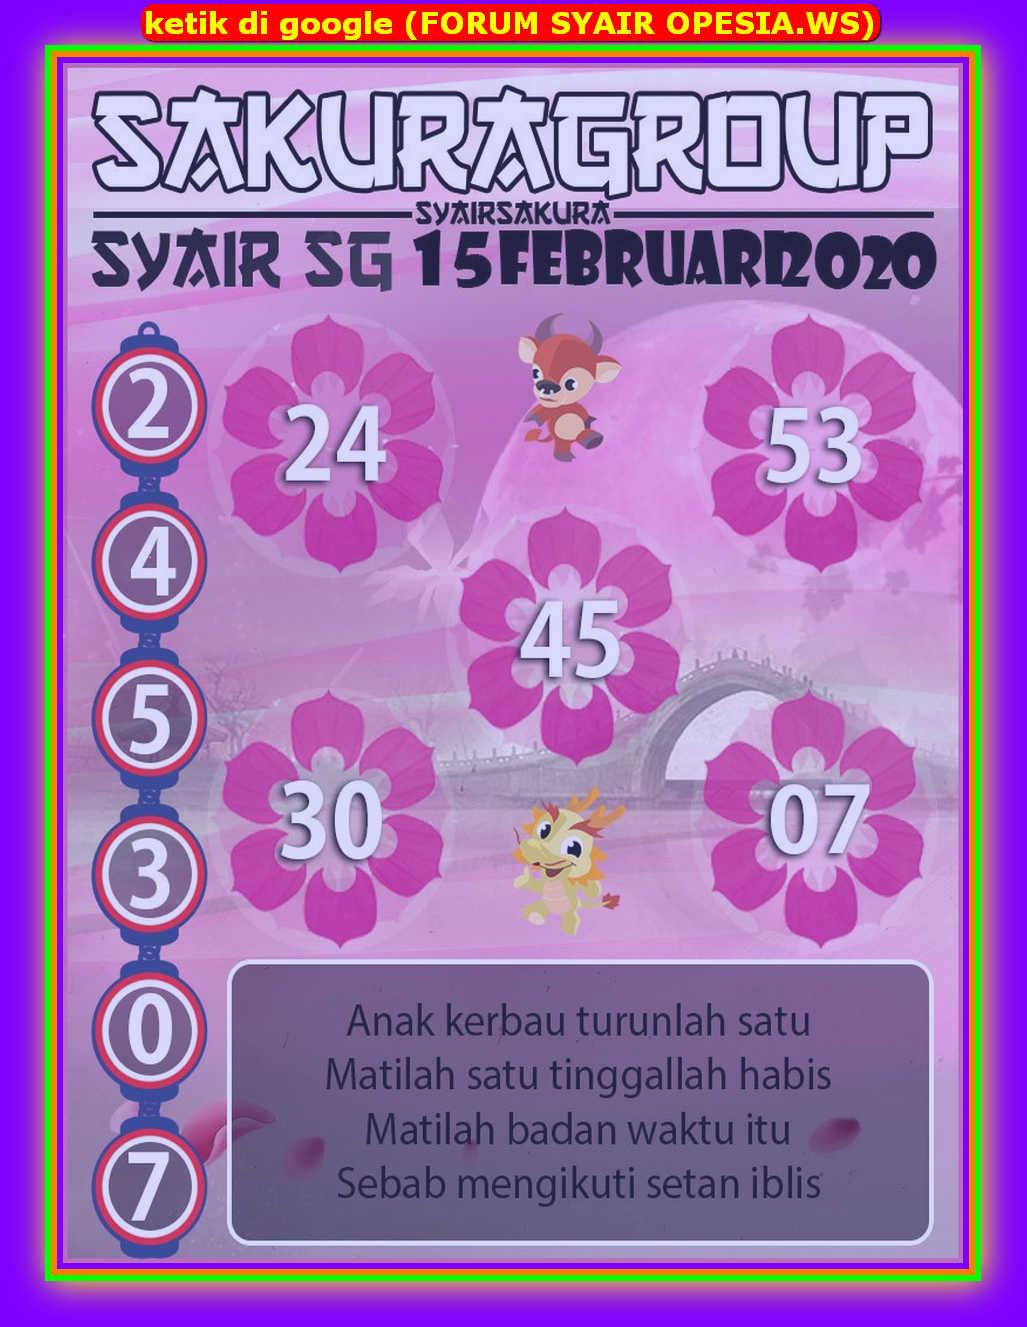 Kode syair Singapore Sabtu 15 Februari 2020 160